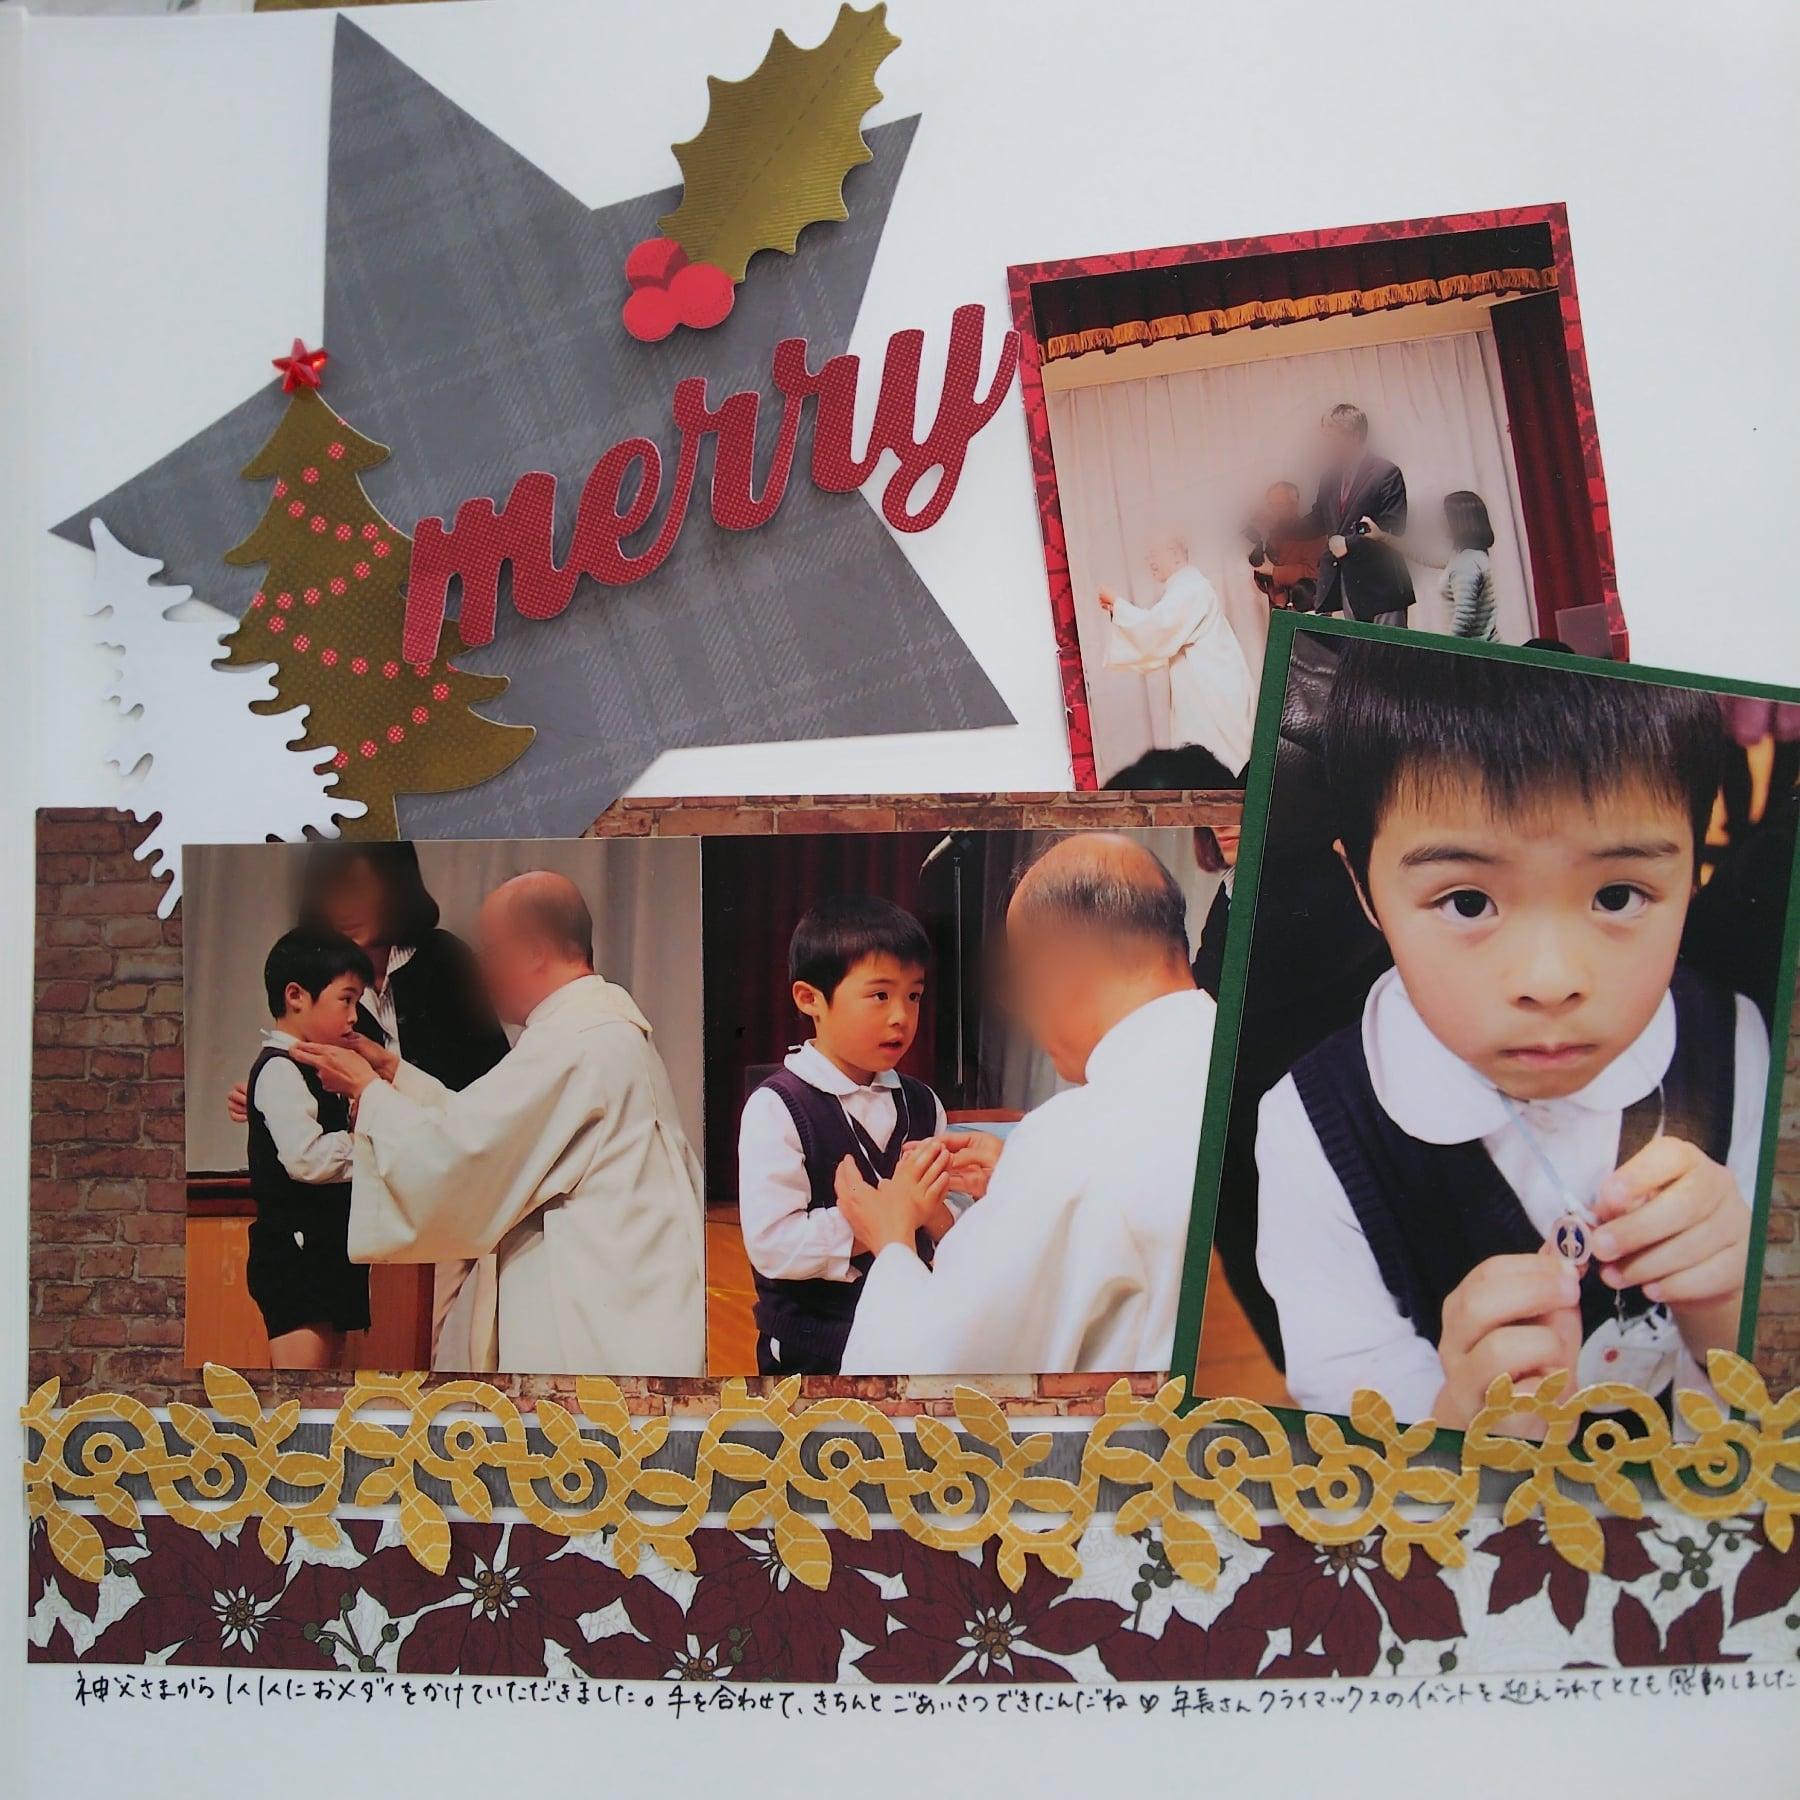 【アルバムレイアウト】クリスマス発表会の写真整理/スクラップブッキングCOSMOS